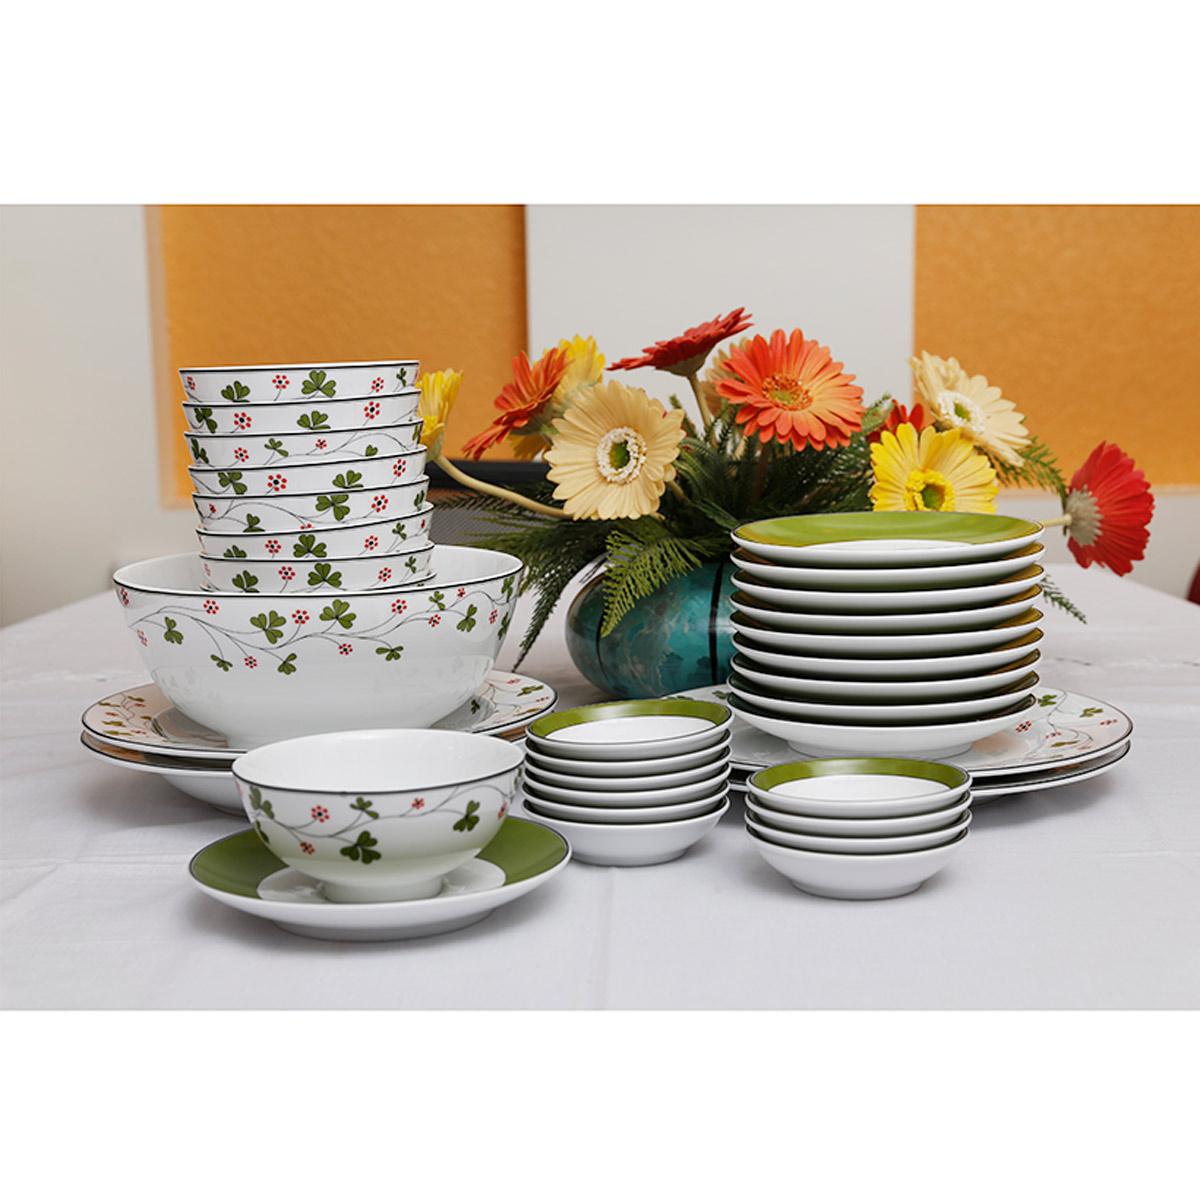 Bộ chén dĩa bàn ăn hoa may mắn 10 người 35 sp - MNV - 36216